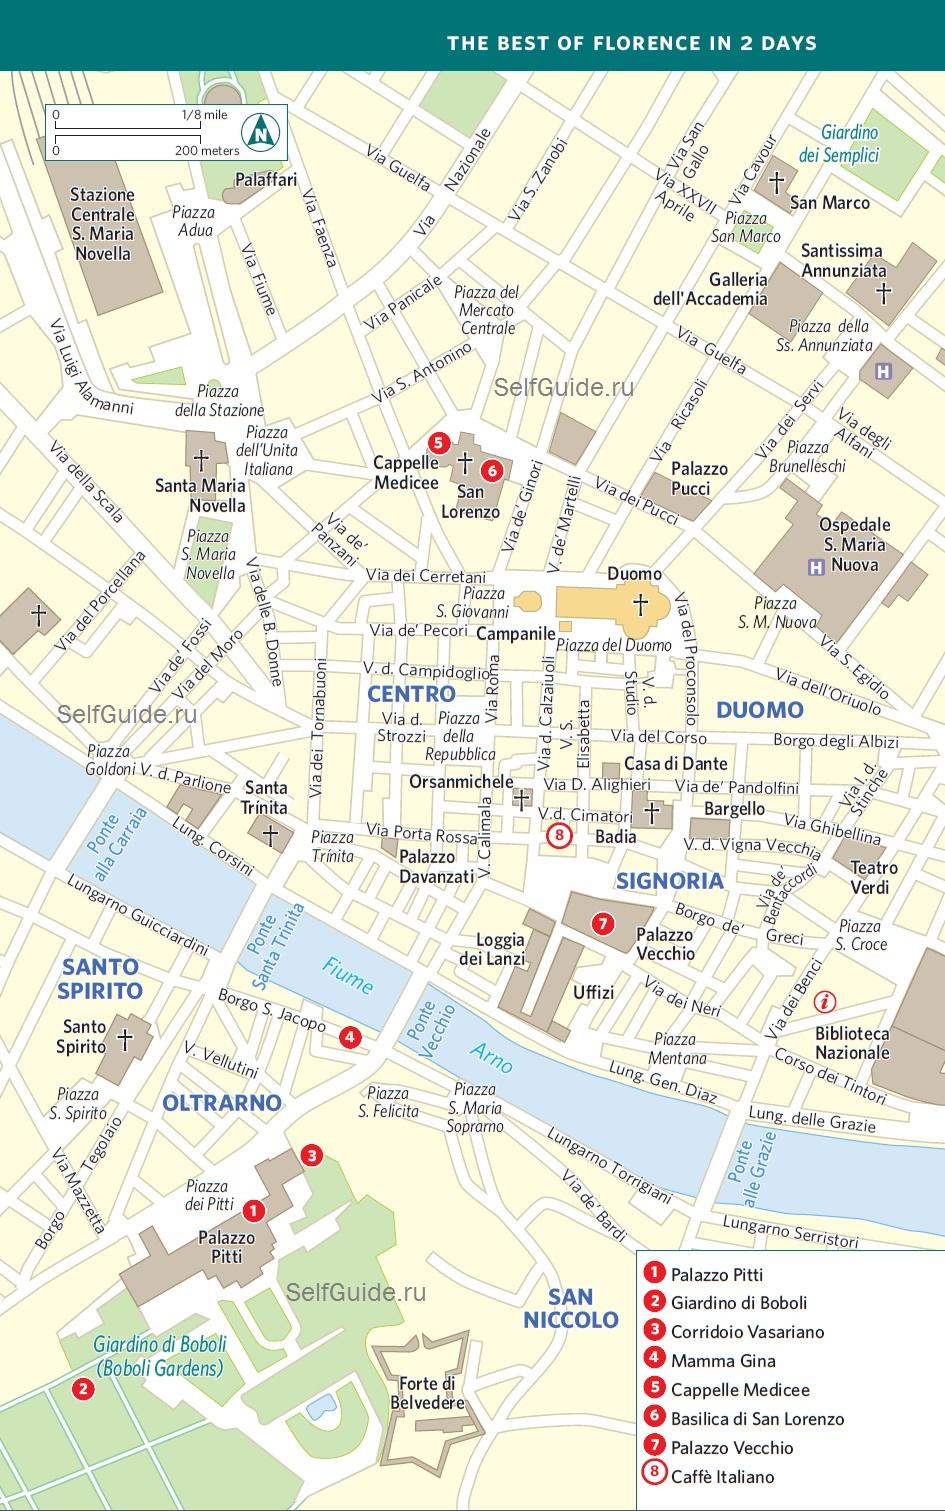 Флоренция за 2 дня - туристический маршрут, путеводитель с картой Флоренции, достопримечательности Флоренции на карте, пеший маршрут по Флоренции, Тоскана, Италия - что можно успеть посмотреть во Флоренции за 2 дня, хватит ли двух дней на осмотр Флоренции, выходные во Флоренции, что можно успеть посмотреть во Флоренции за выходные, что посмотреть во Флоренции за пару дней, туристический маршрут по Флоренции на два дня, лучший путеводитель по Флоренции Тоскане Италии скачать бесплатно Florence firenze suggested itineraries what to see walking tour florence in two days weekend in florence what to see main sights main attractions tourist route tourist map of florence